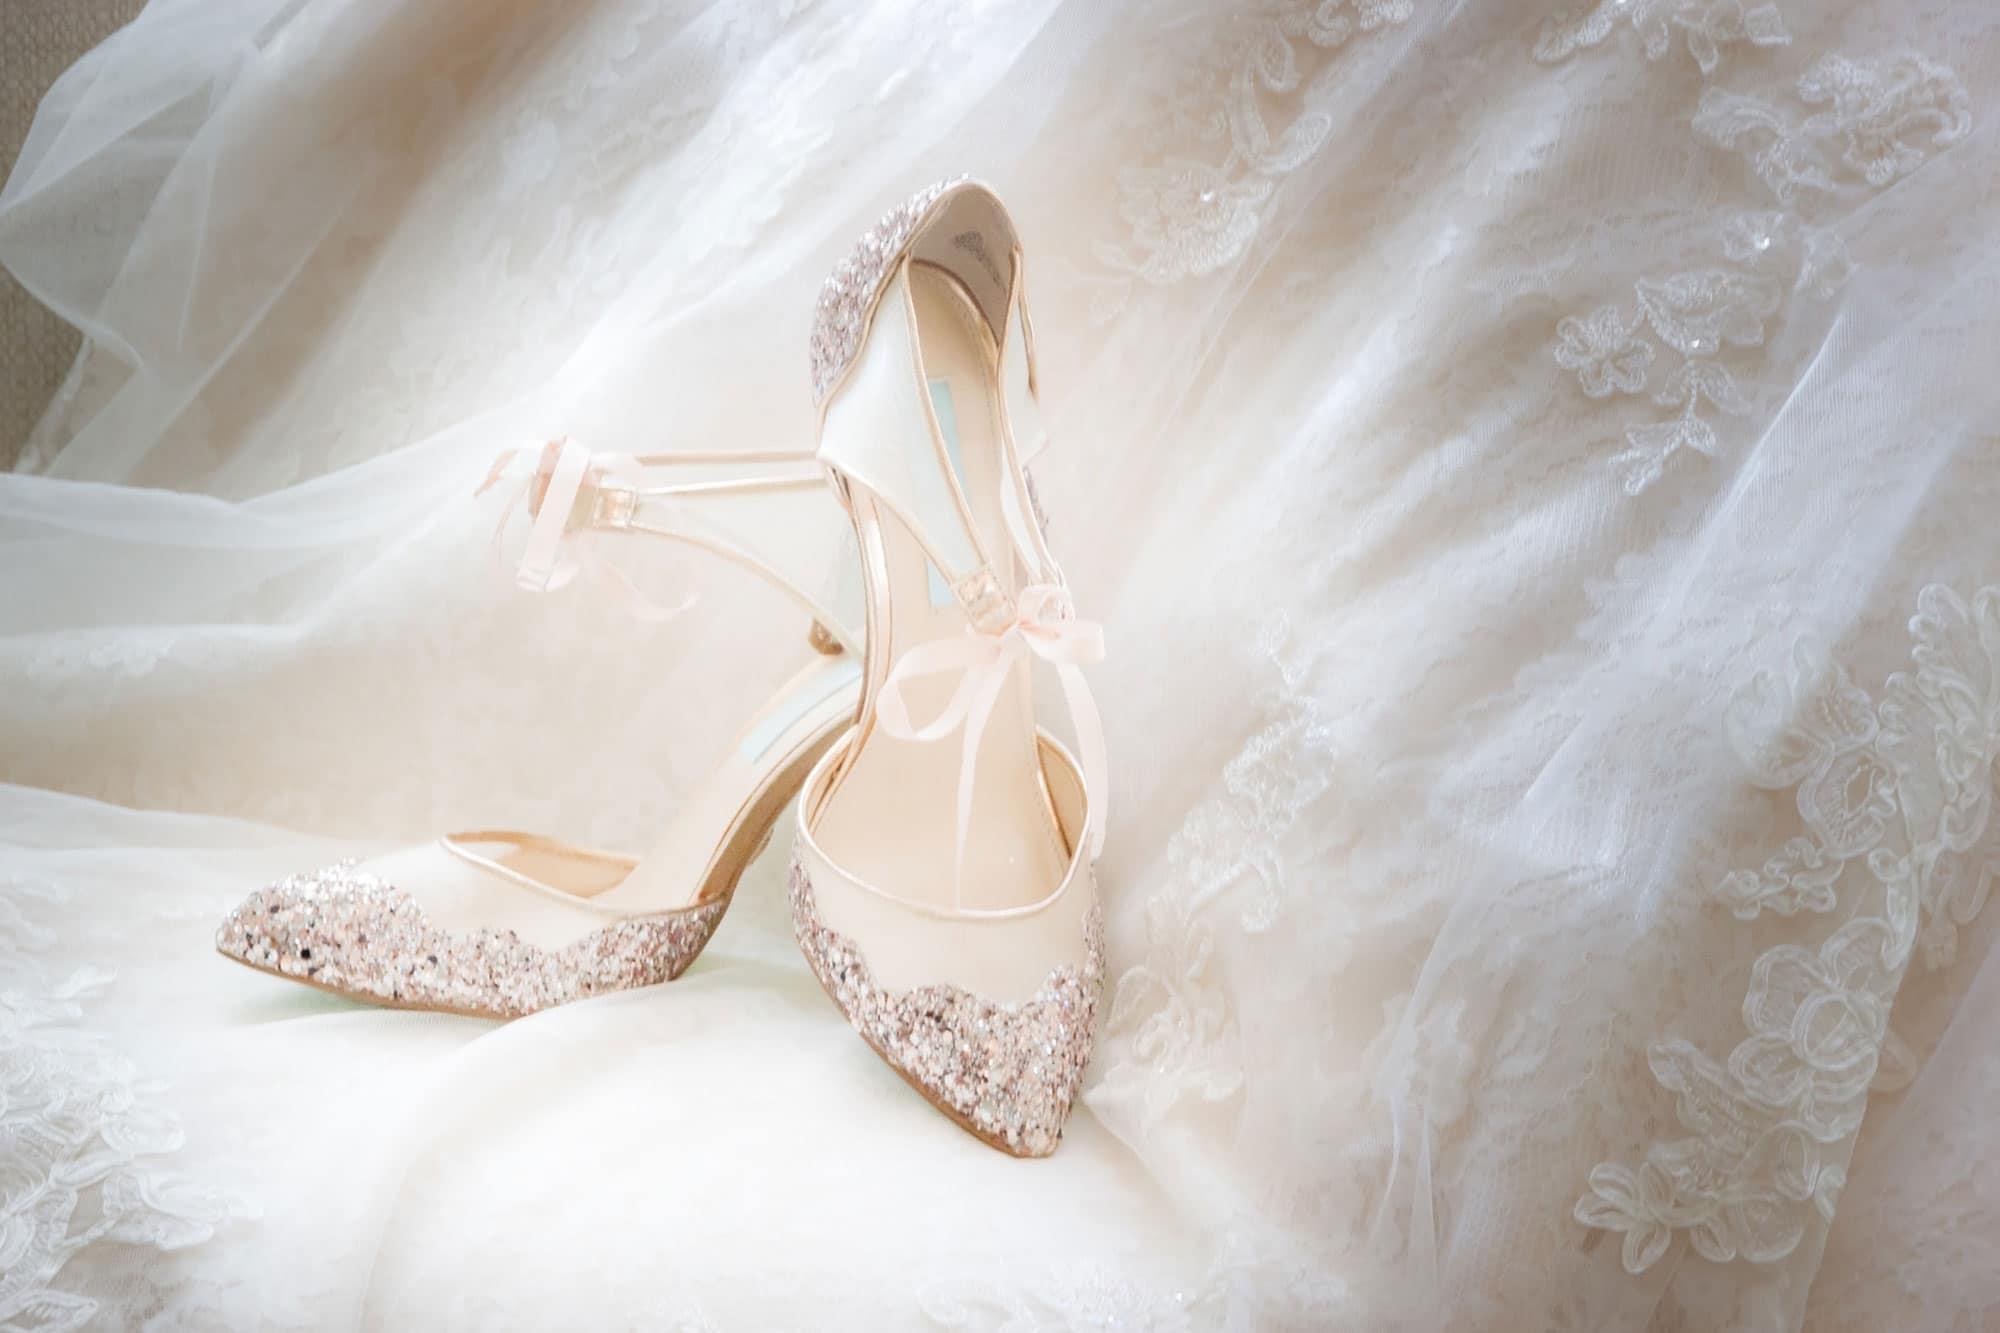 Gelin Ayakkabısı Nasıl Değerlendirilir